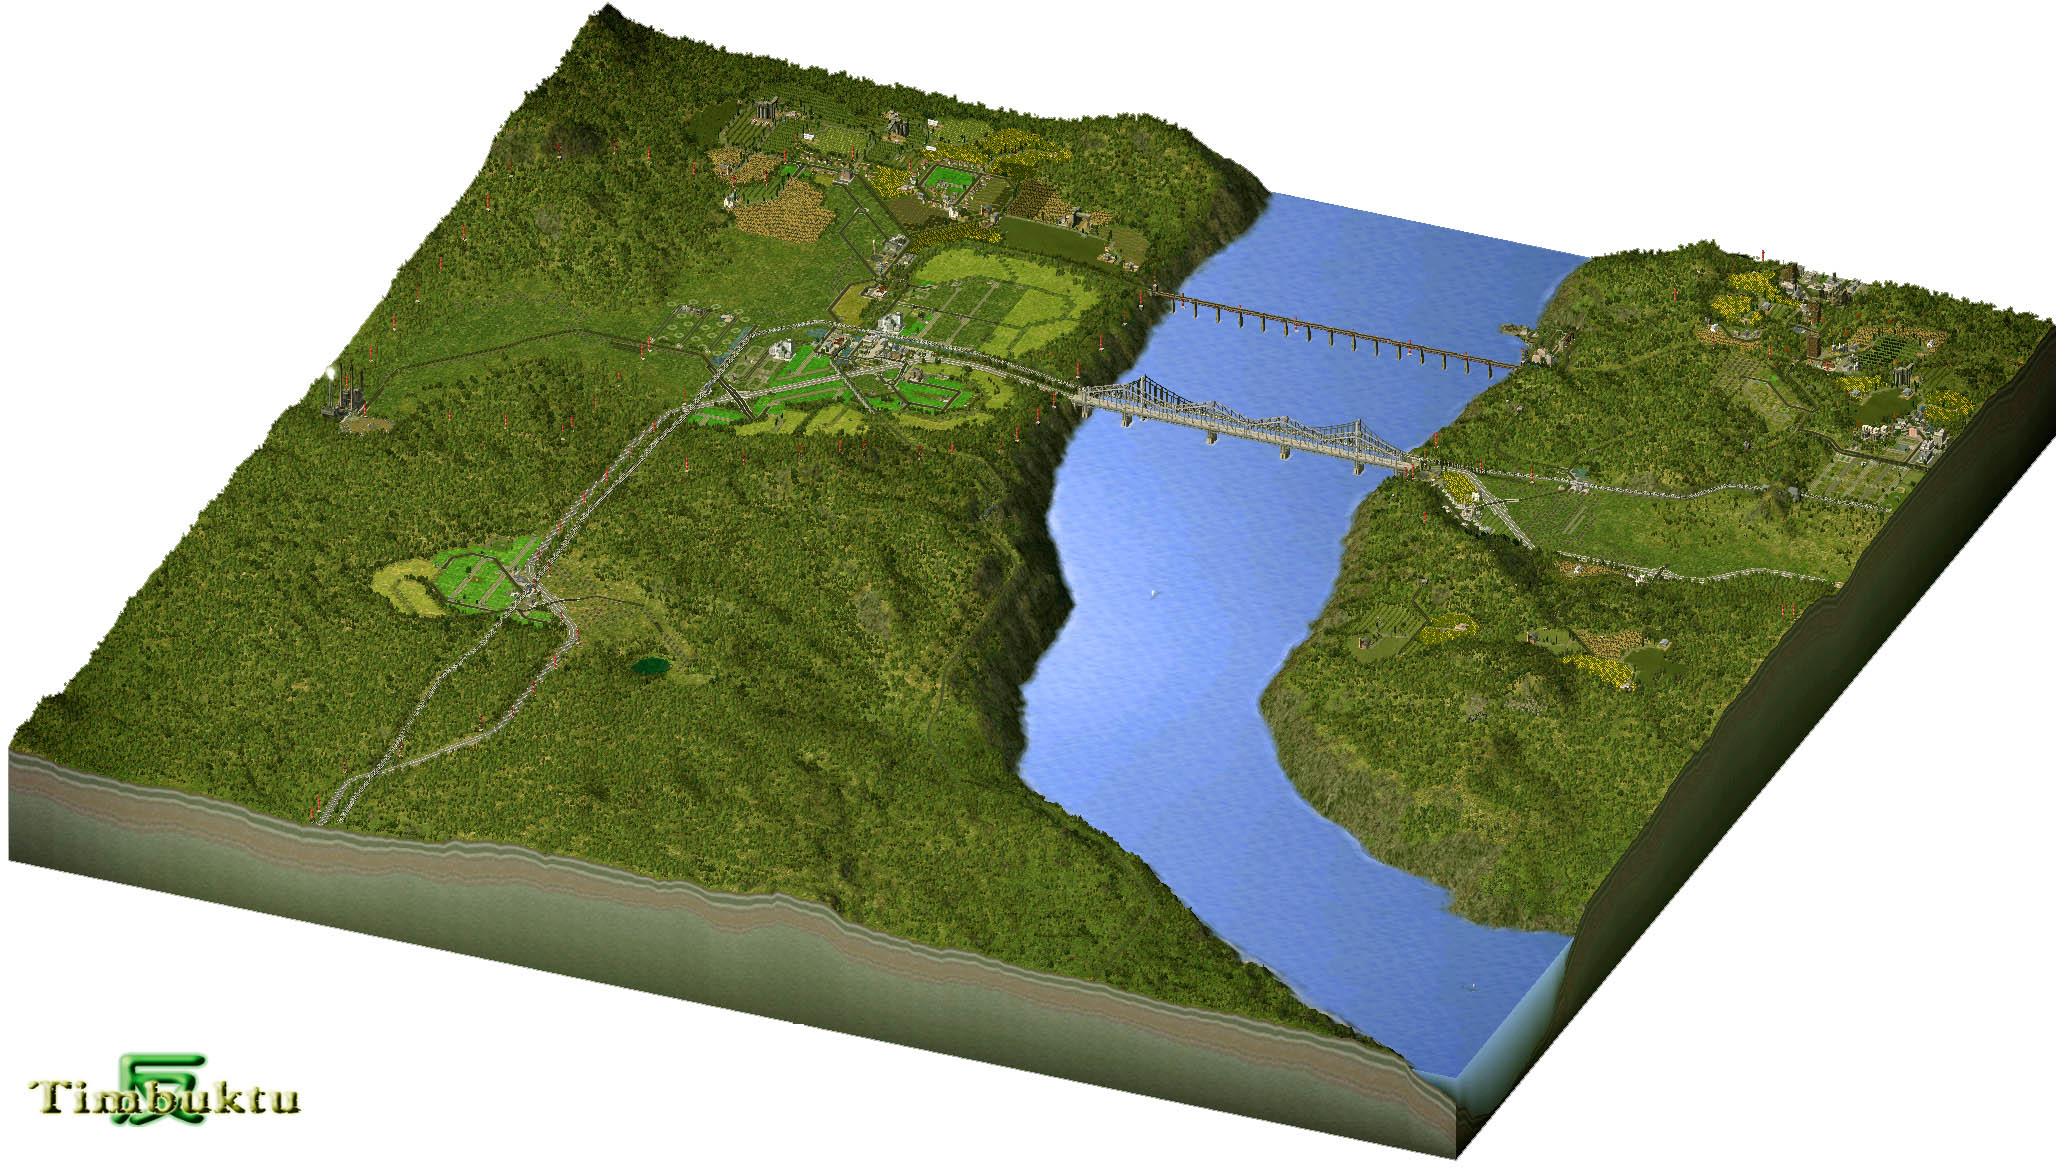 用的地图:廷巴克图地形翻转后而得   预览图: 灰度图下载(需自行生成)